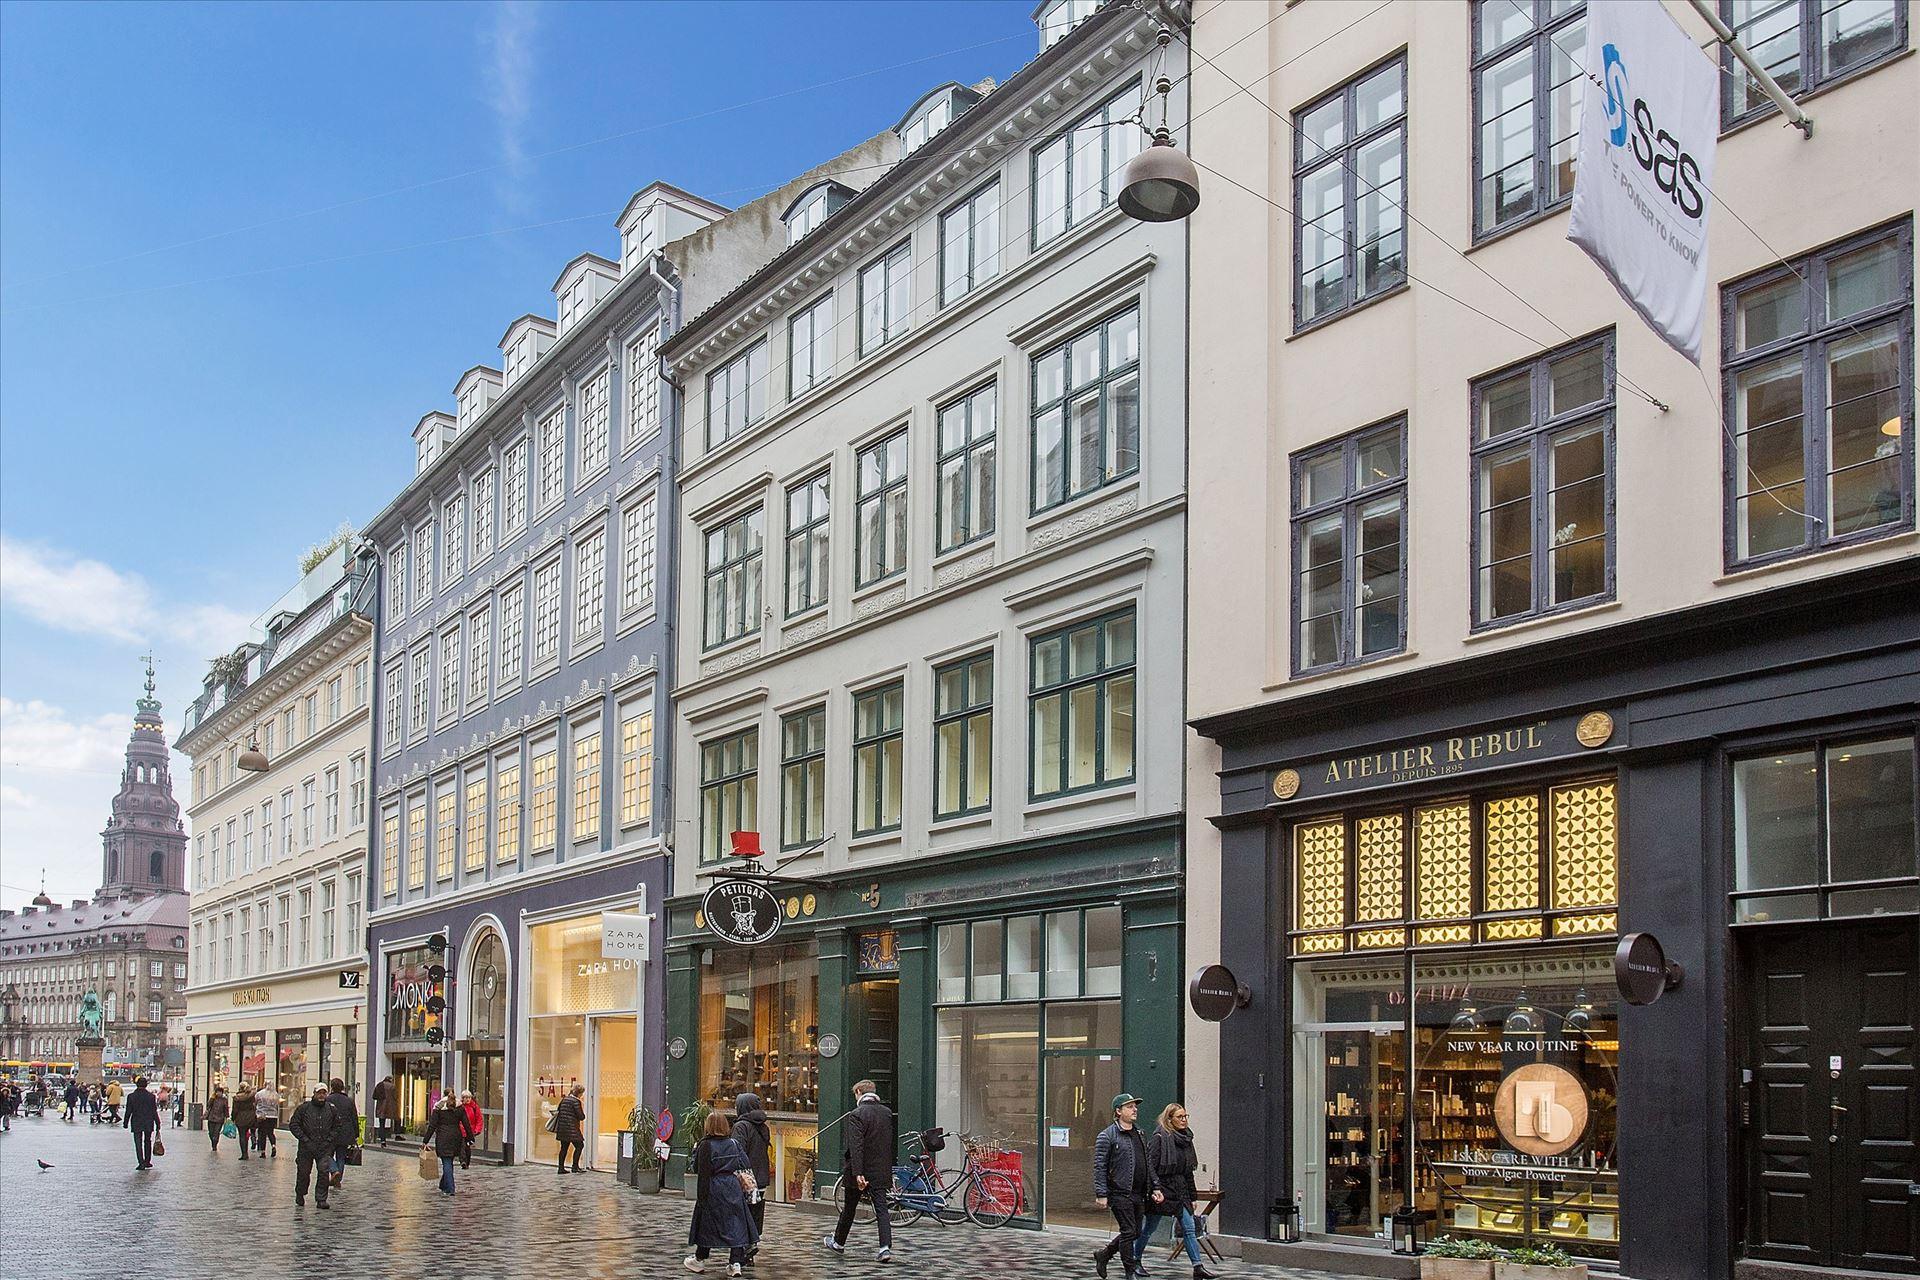 Bengt-Martins Rejser på Købmagergade i København (Foto: La Cour & Lykke)